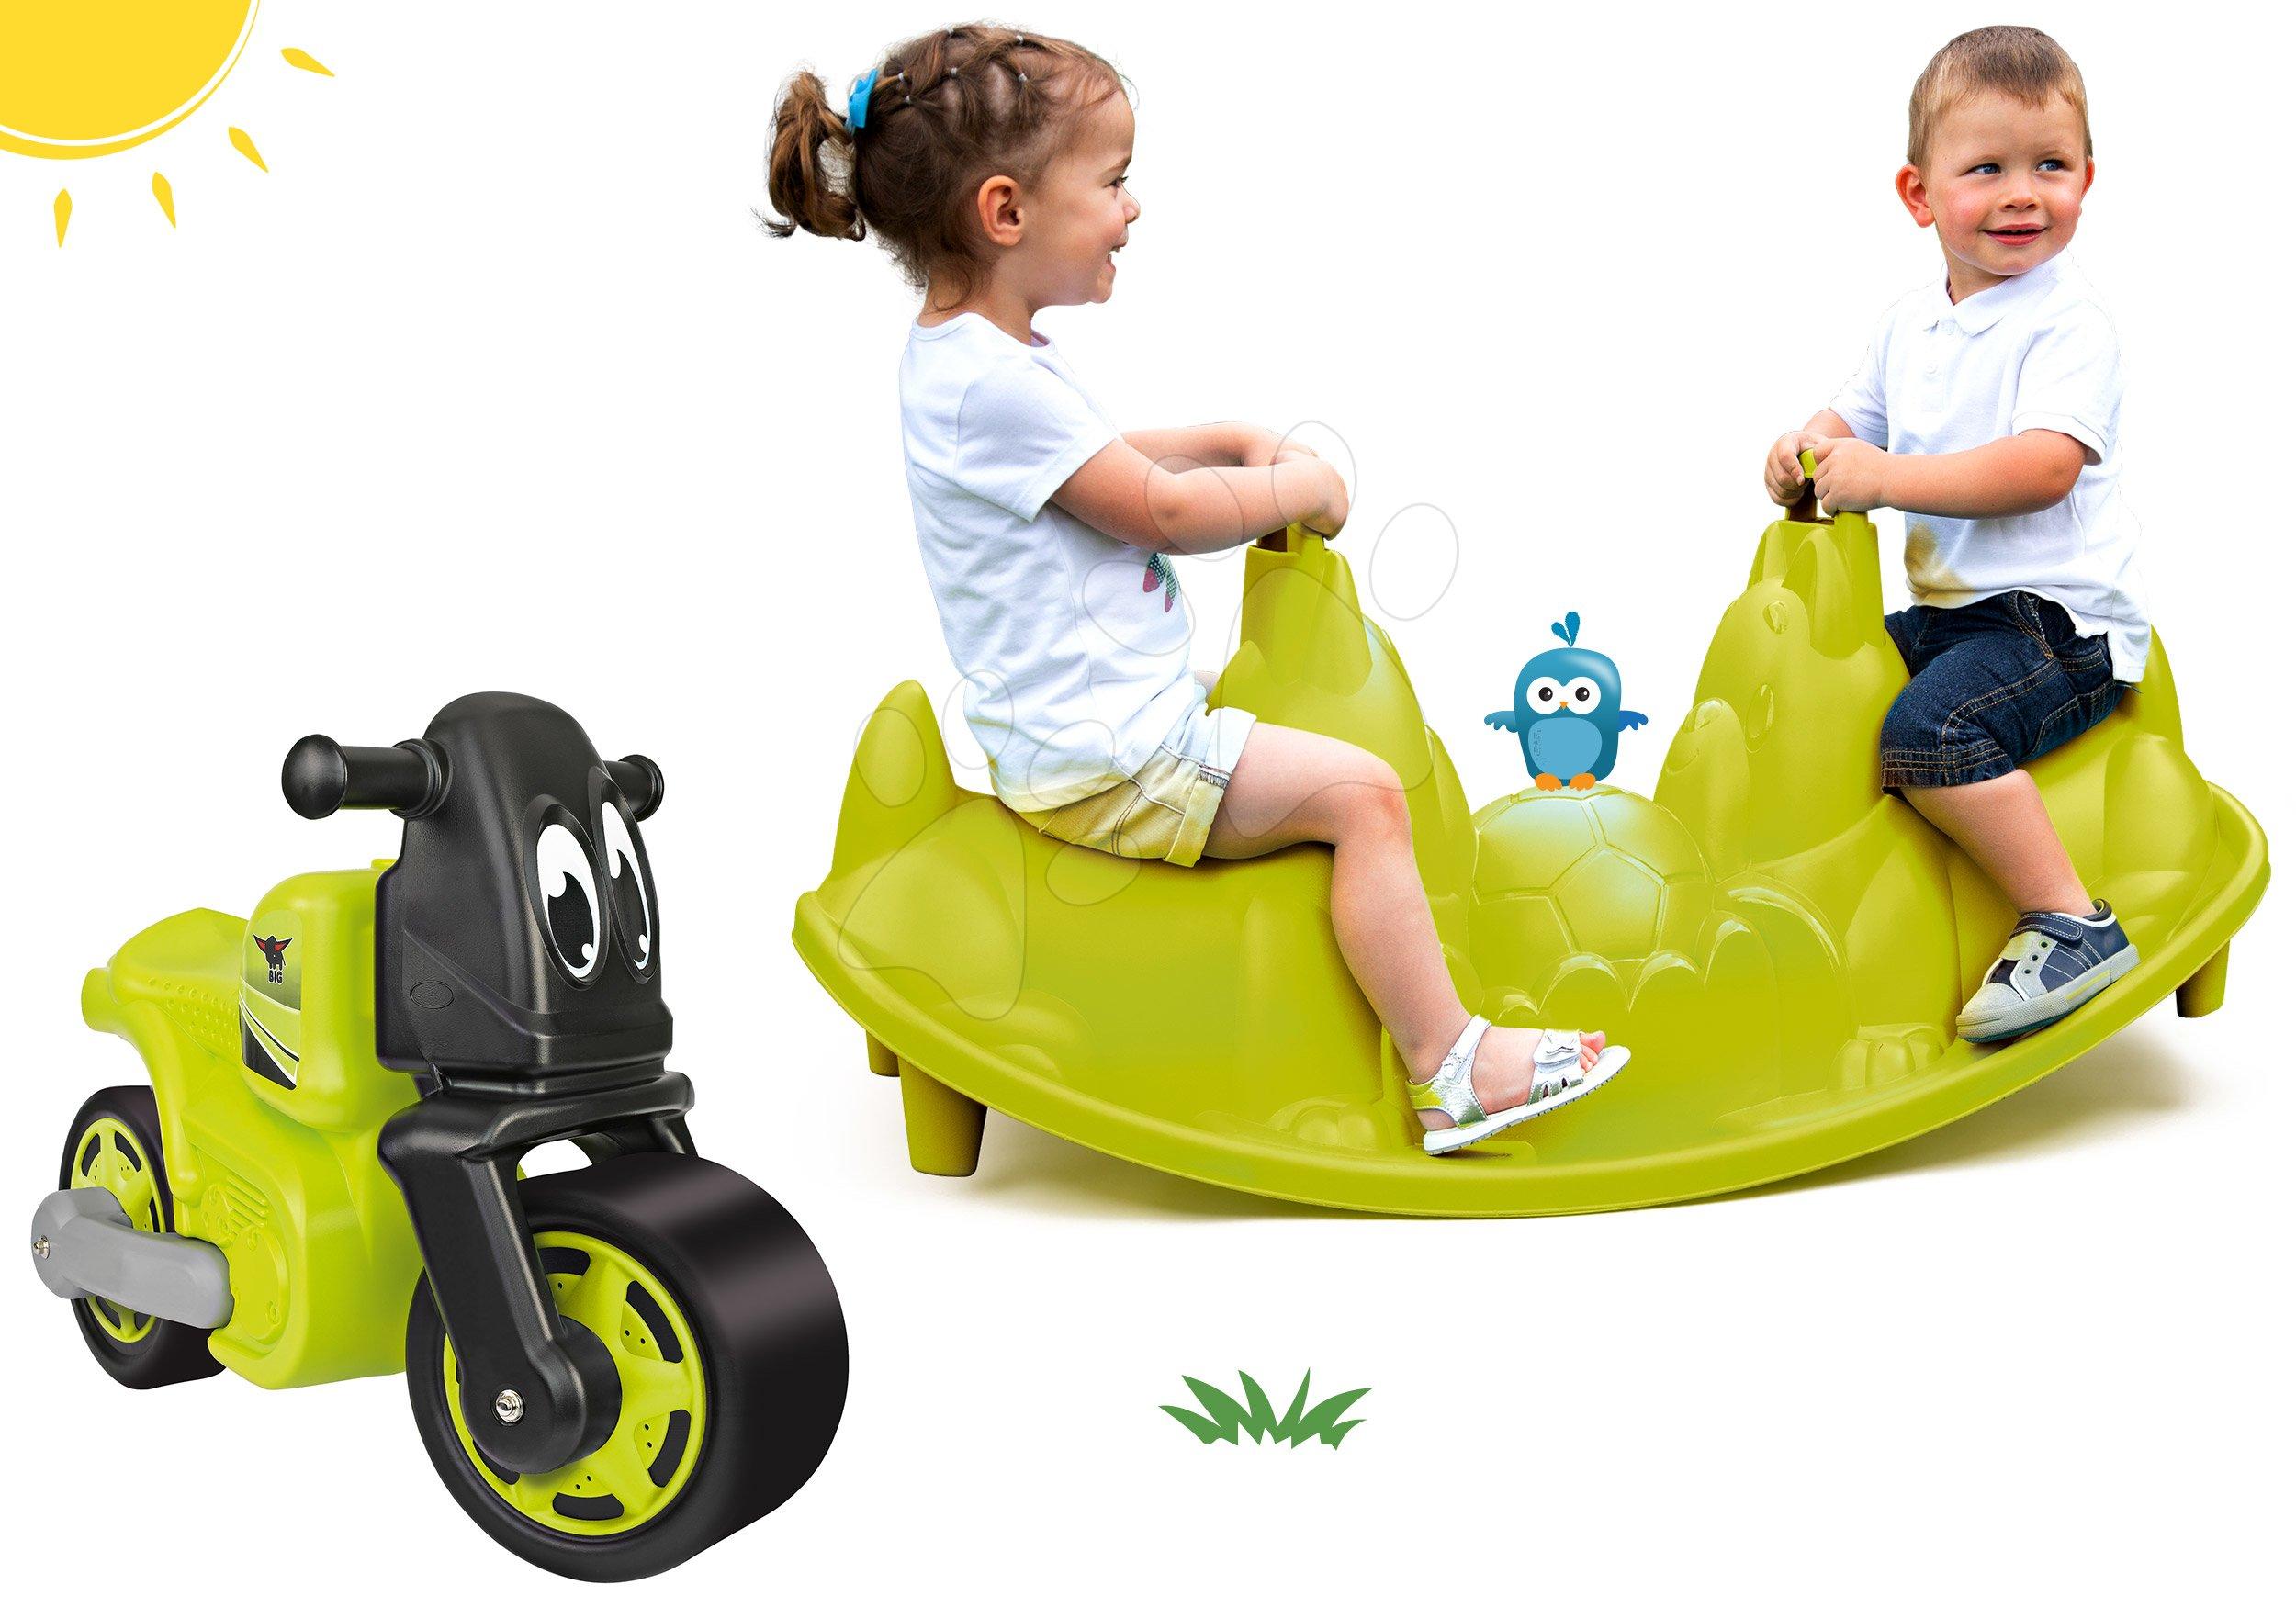 Smoby dětská houpačka Tuleň s vodotryskem a BIG odrážedlo Racing Bike 310159-8